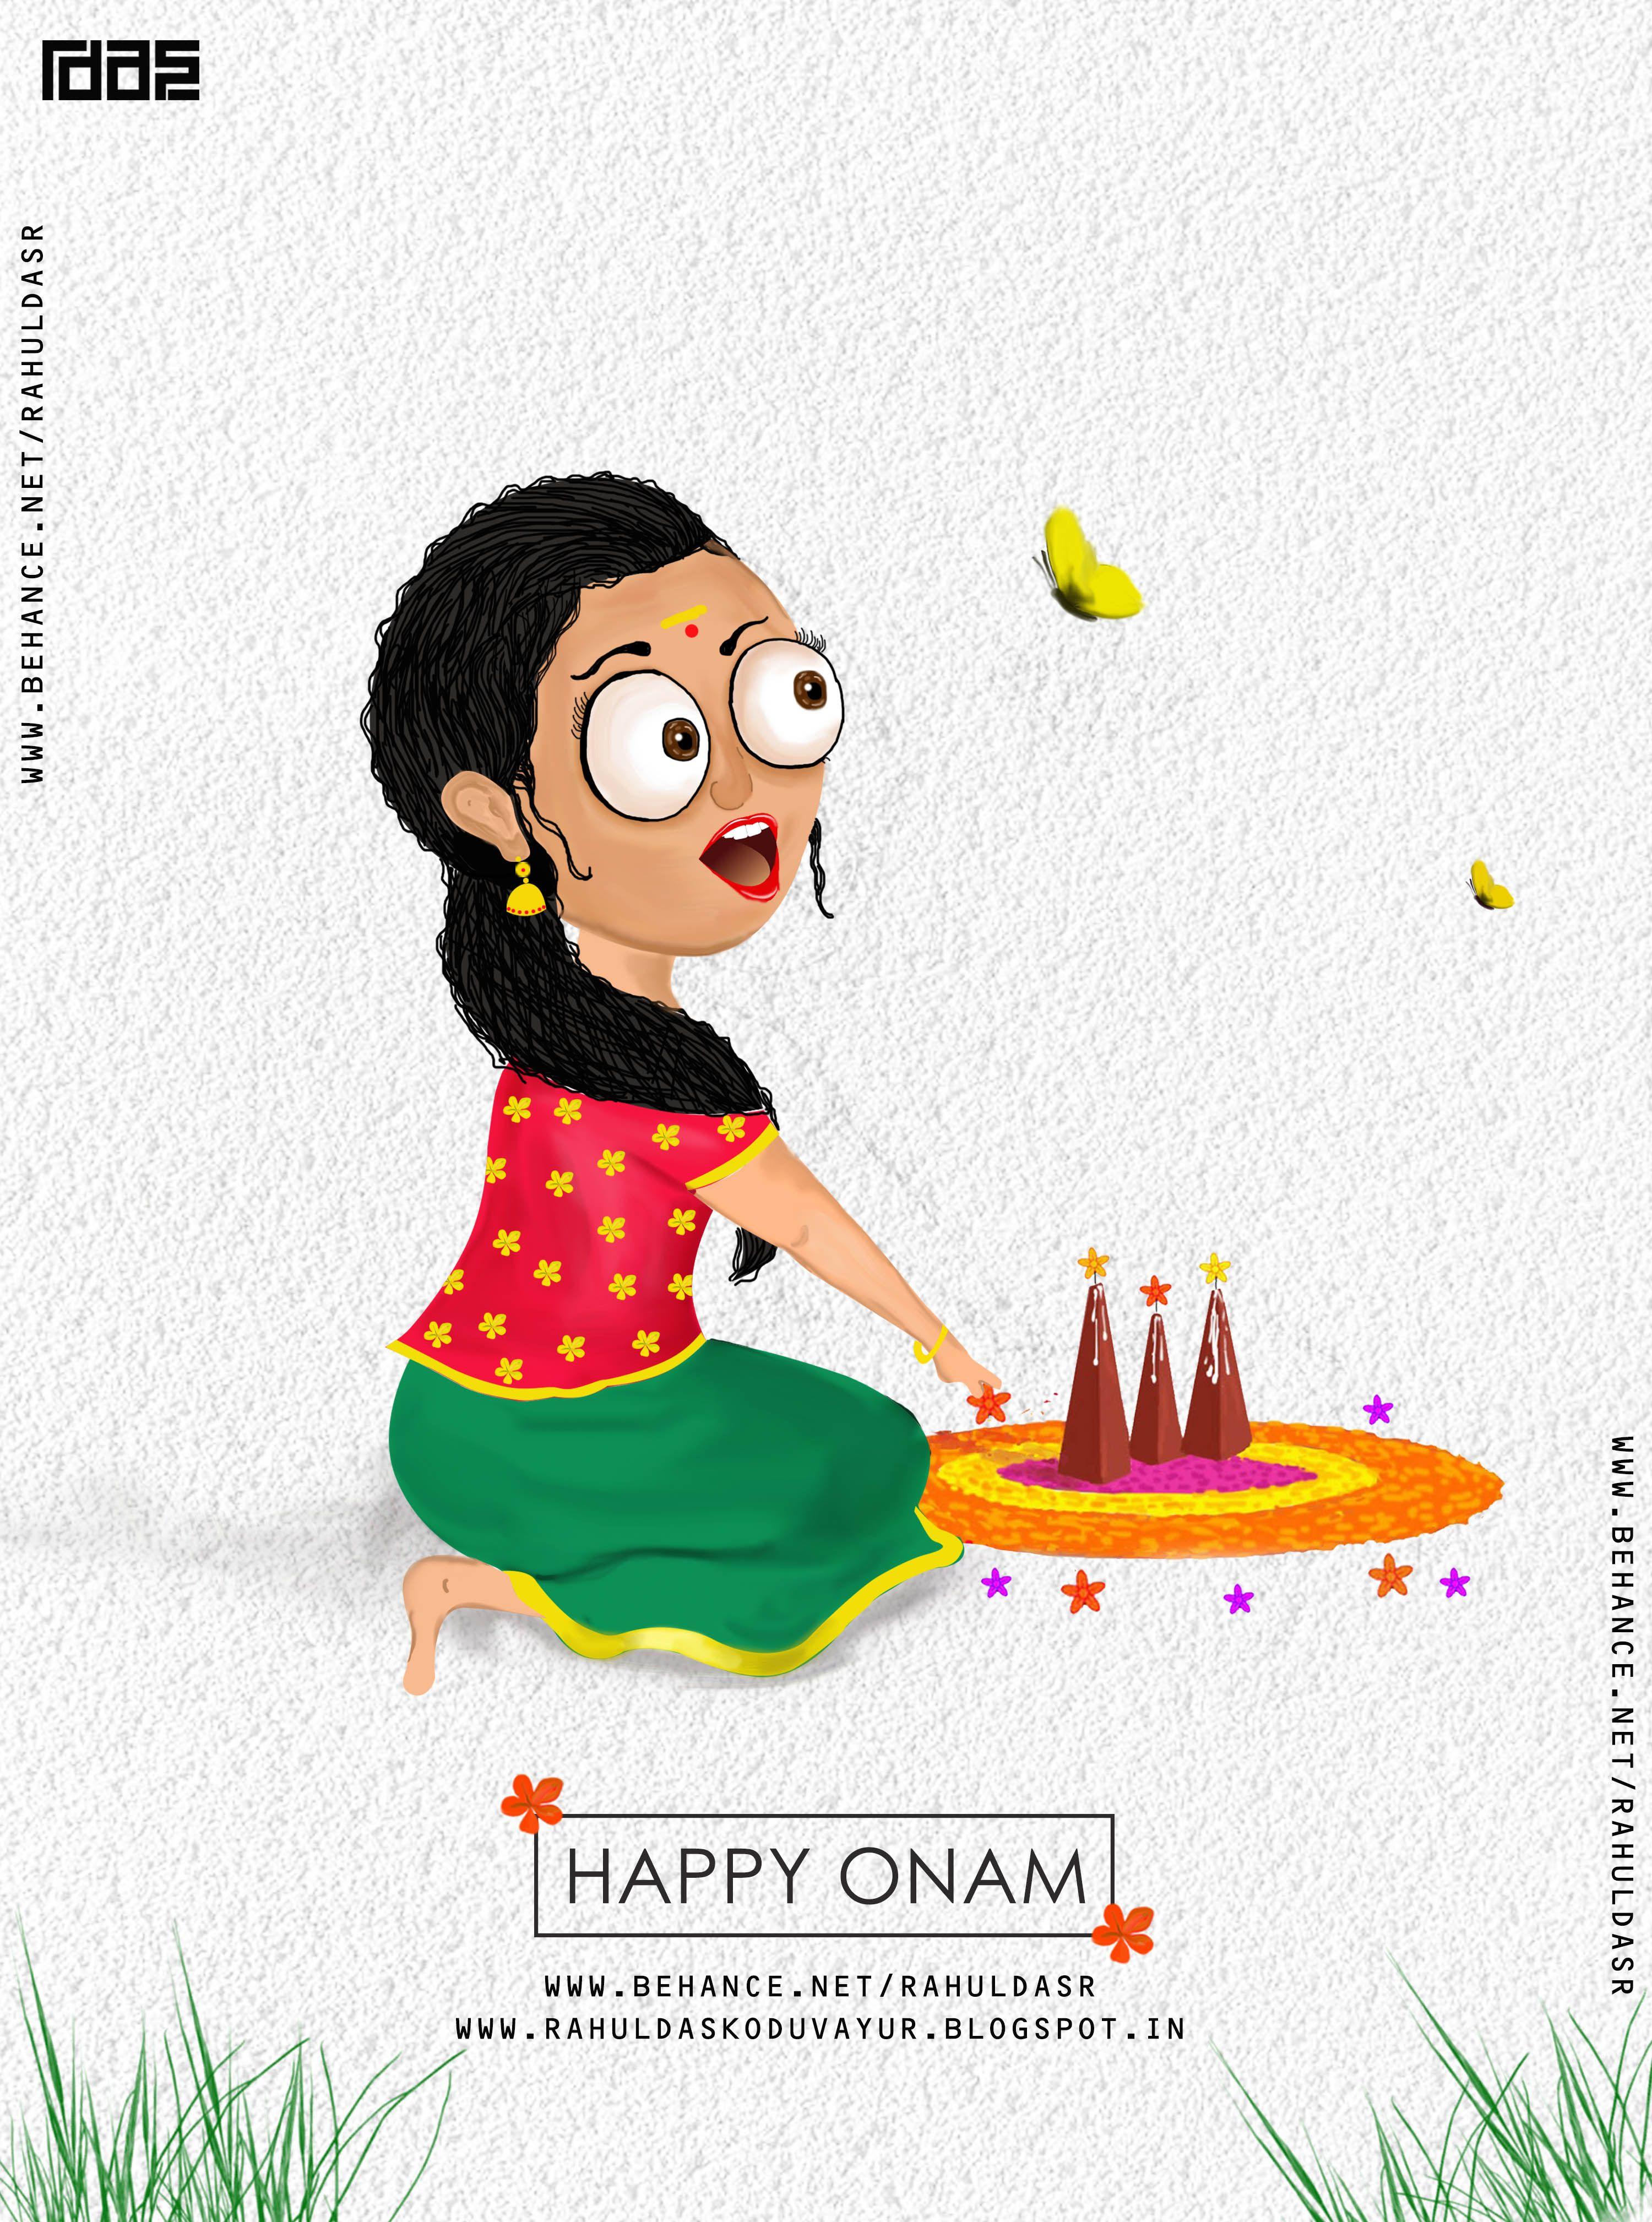 Happy Onam Onam Design Onam Poster Design Kerala Festival Onam